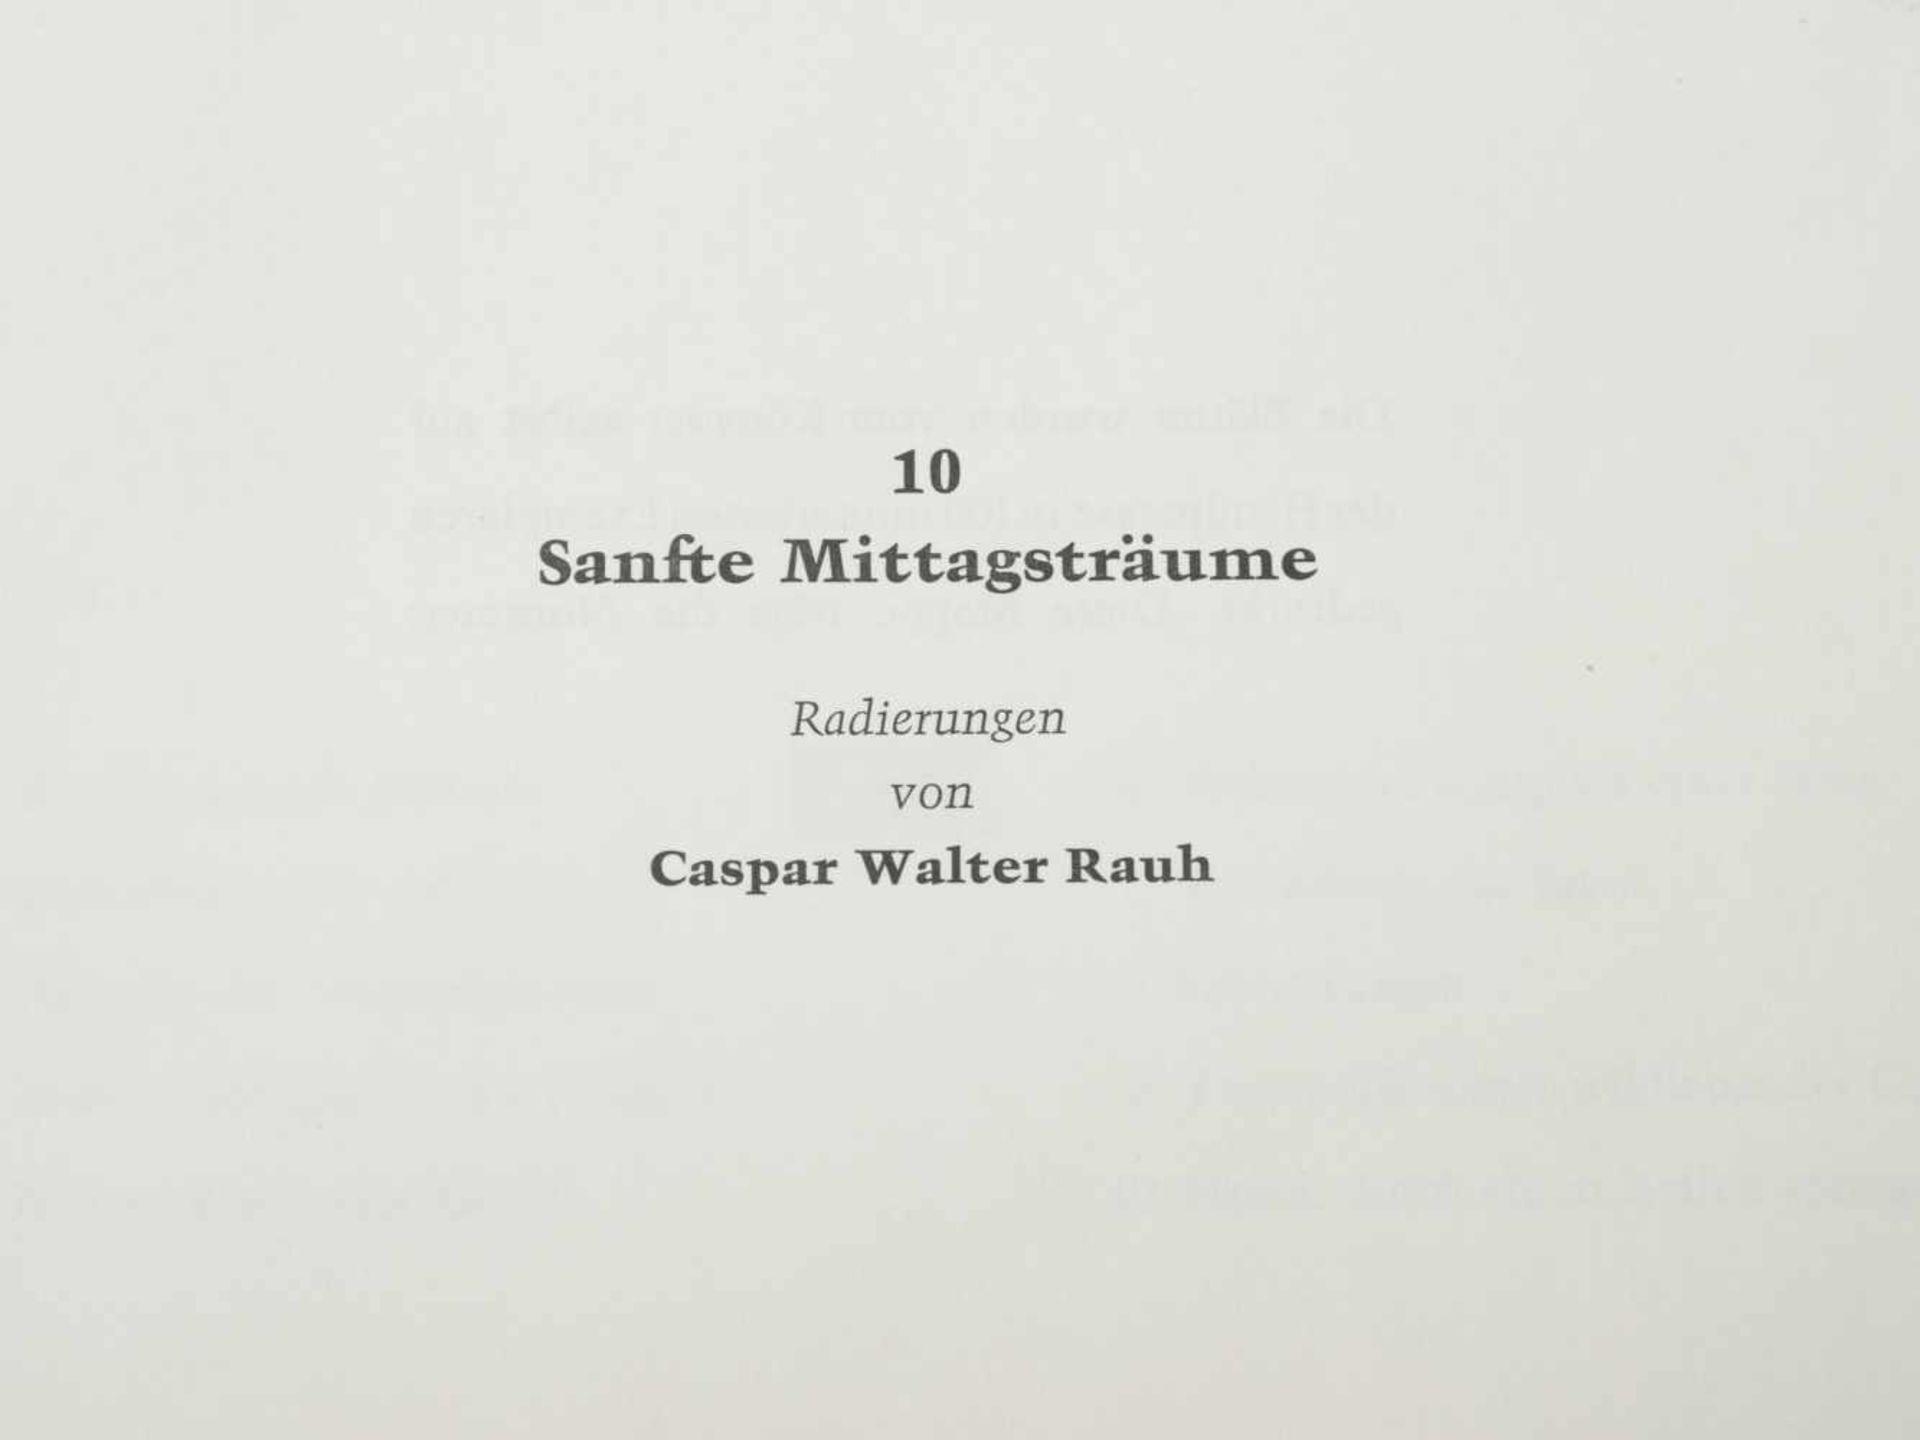 Los 52 - Rauh, Caspar Walter (1912-1983) - Mappe Sanfte Mittagsträume 10 Radierungen 1971 96/100Zehn